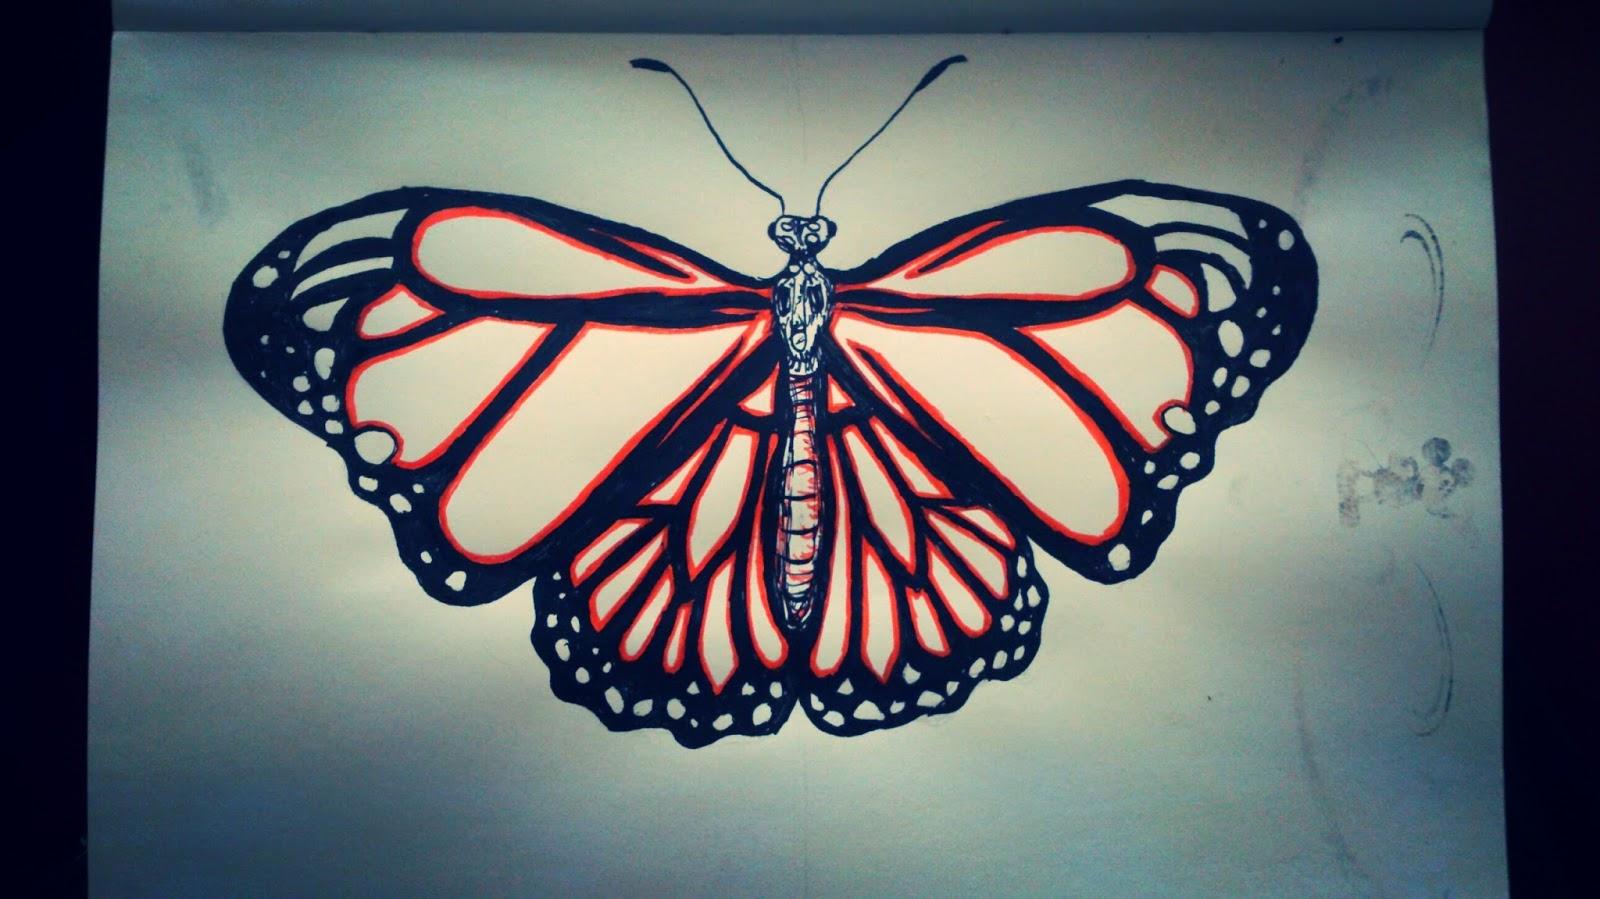 21 mooie kleurrijke vlinder - photo #43